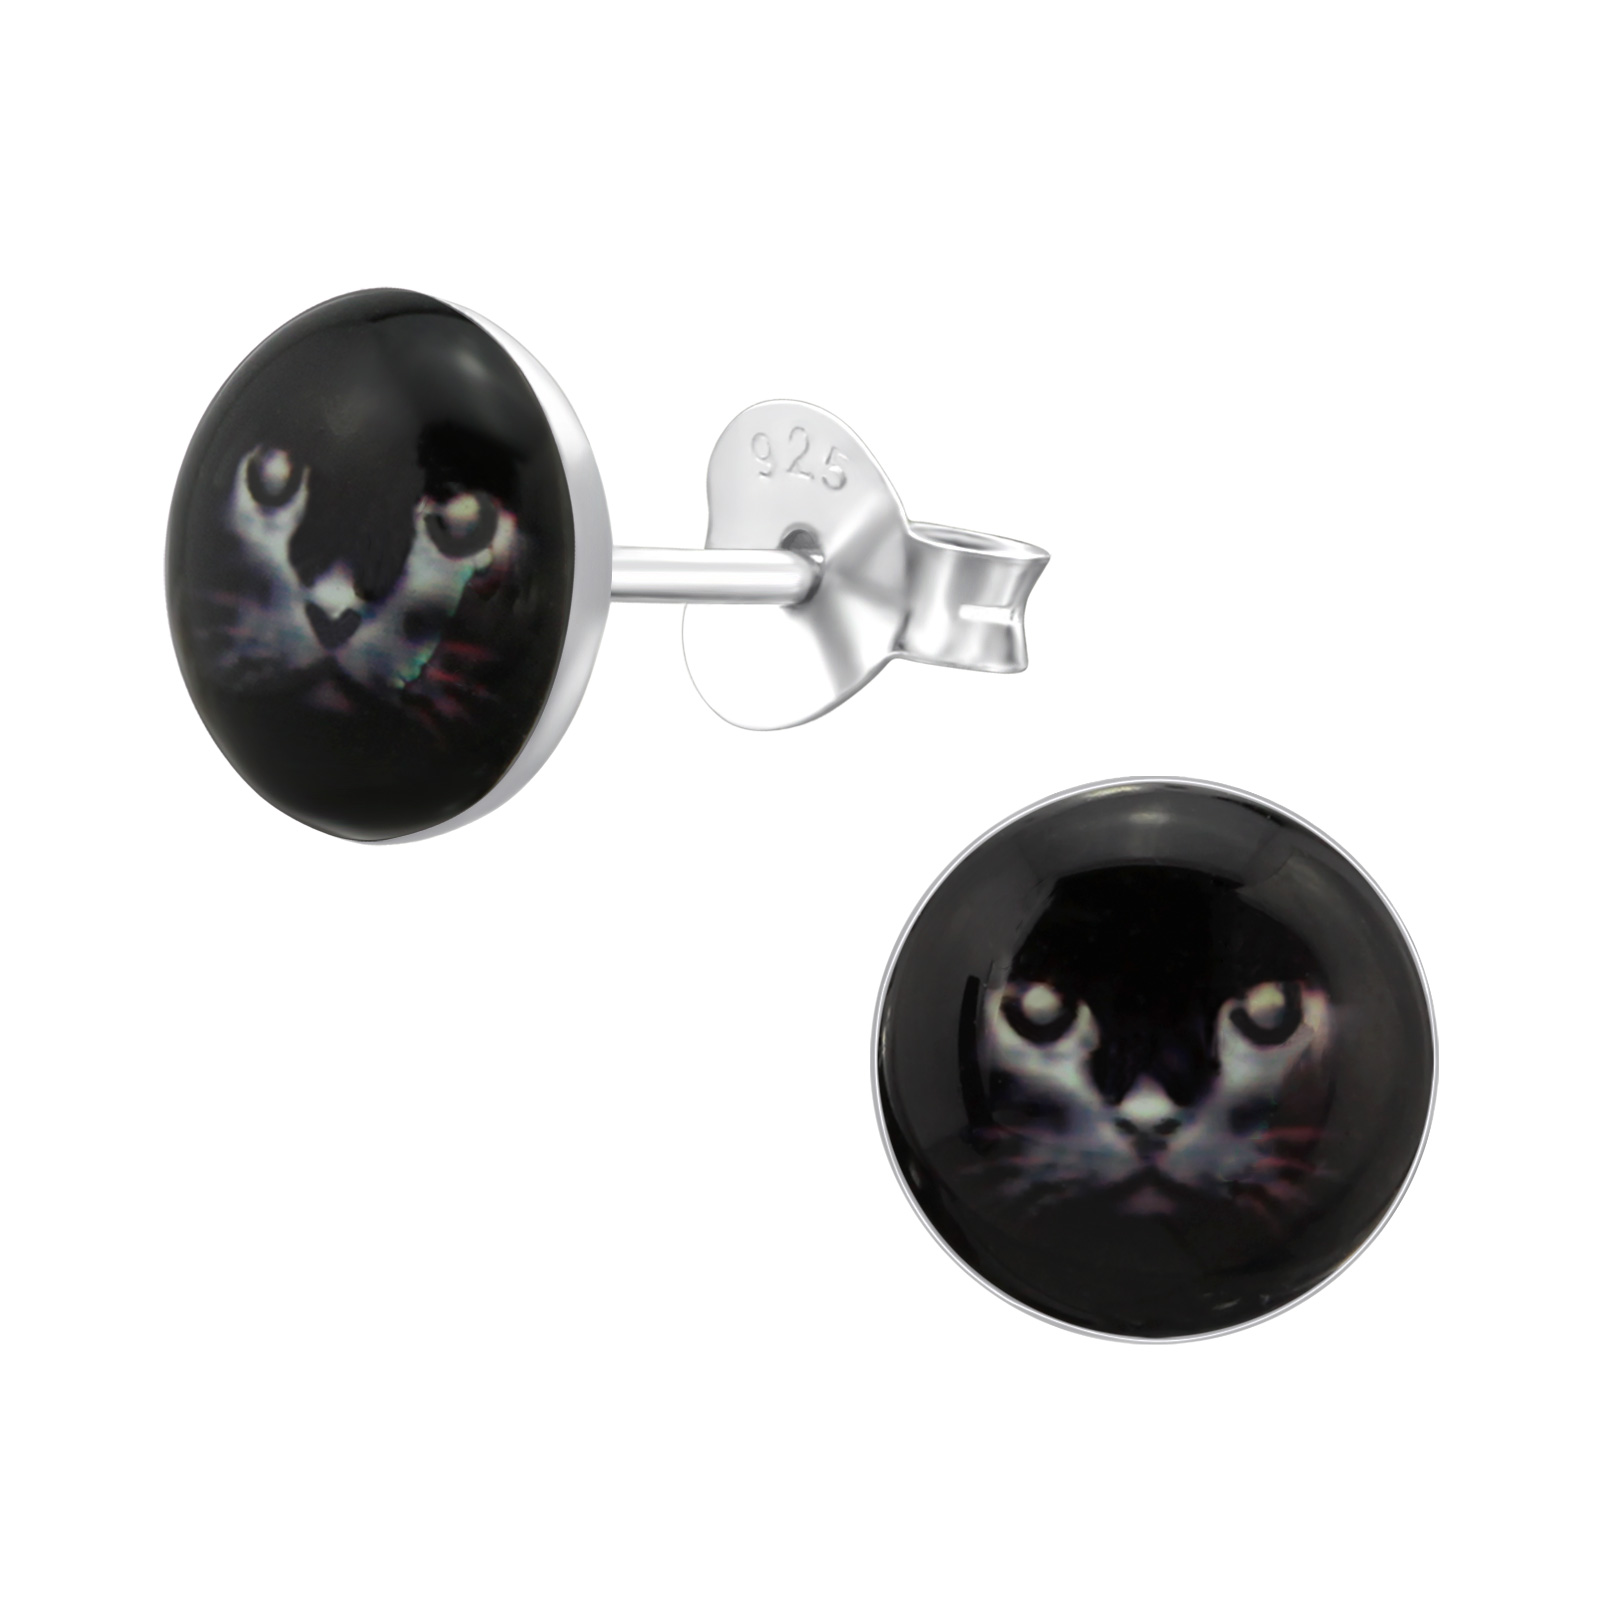 černá dívka kočička otevřené